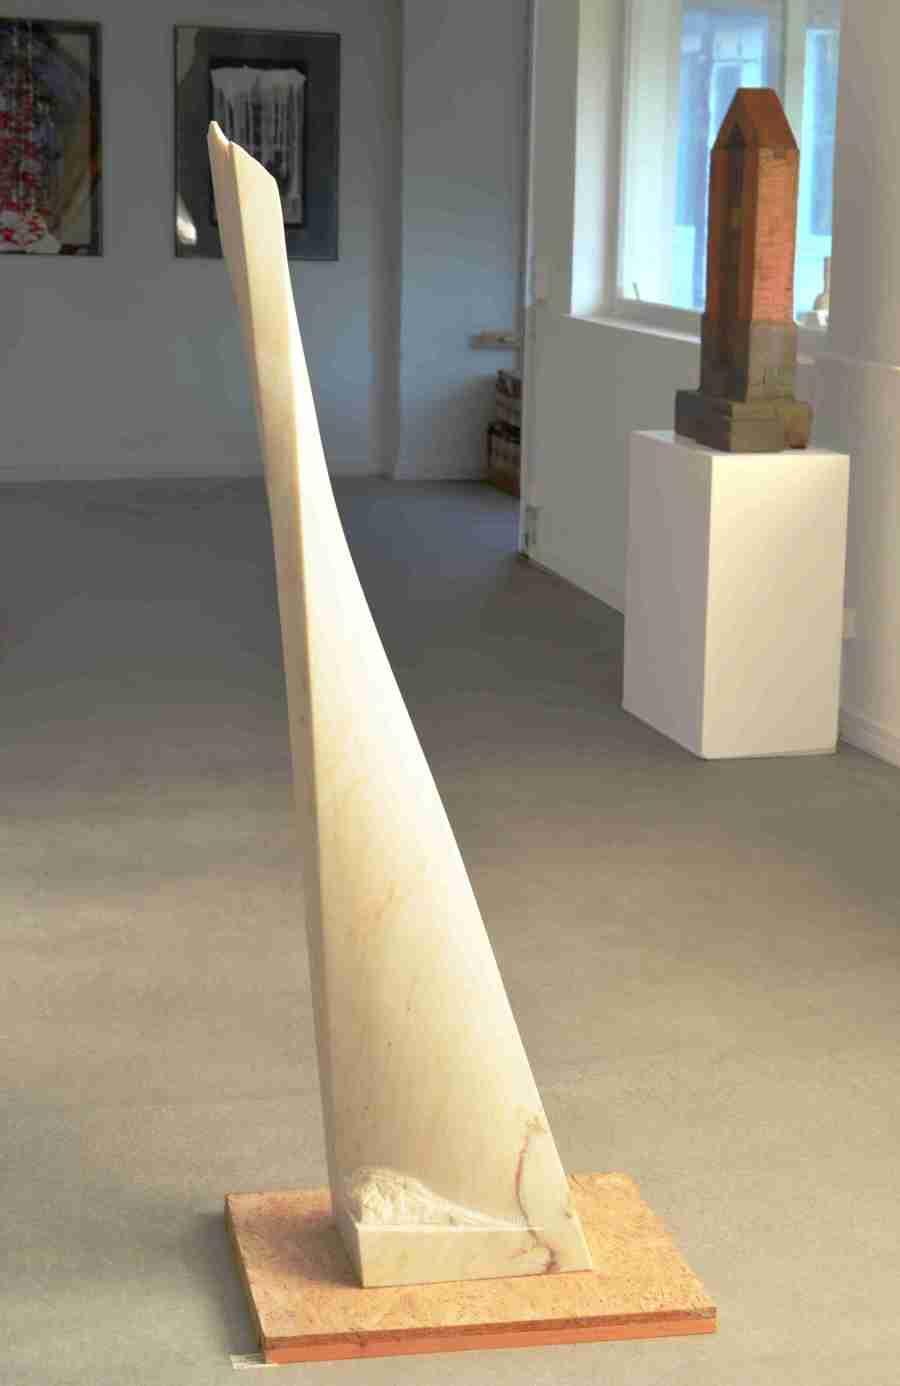 """Marmorskulptur""""Streben"""",Stele aus portugiesischem Marmor, (Estremoz). Aus der Serie """"Marmorstelen"""", Bildhauer Jens Hogh-Binder"""